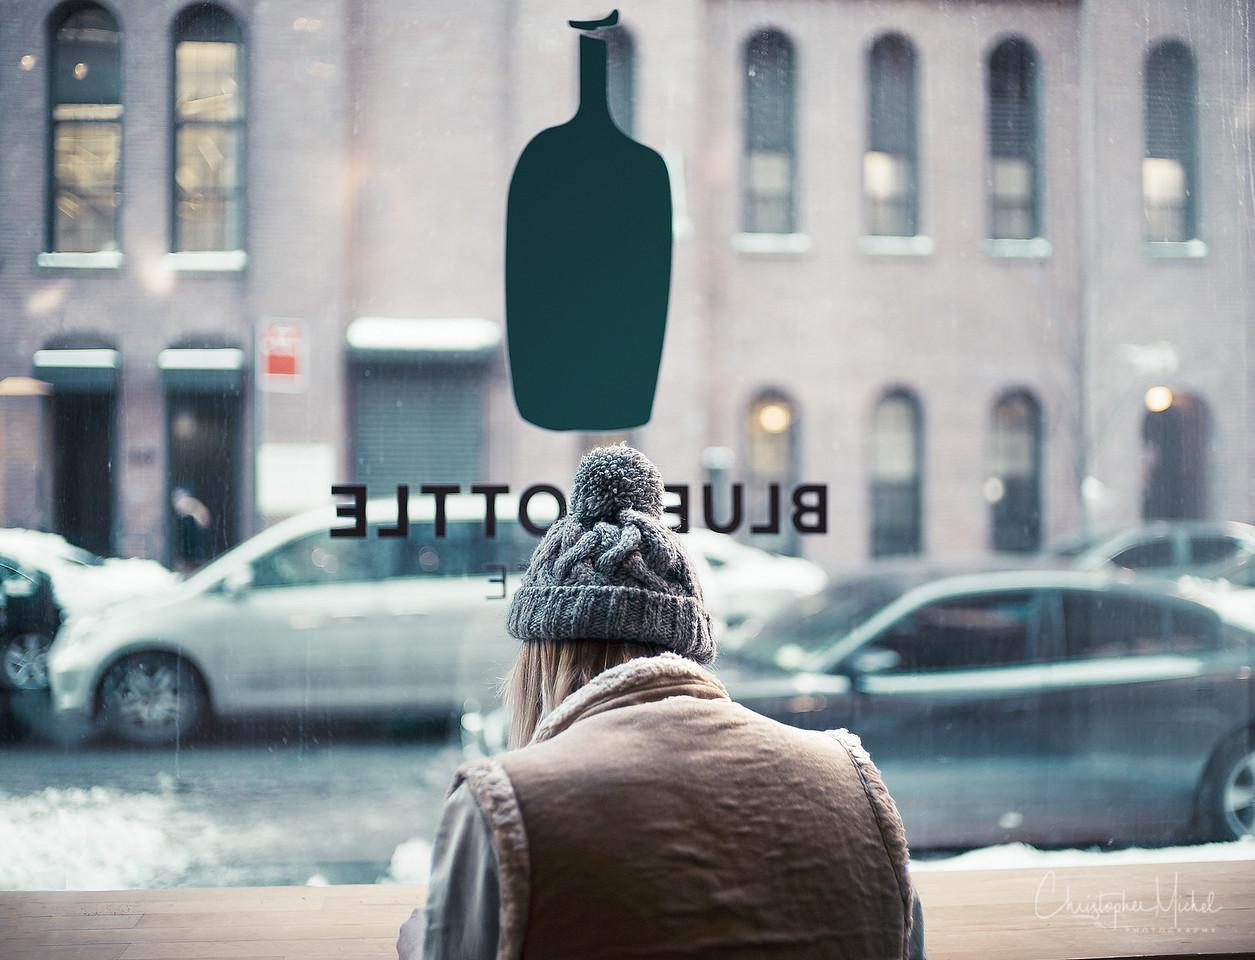 Blue Bottle SoHo